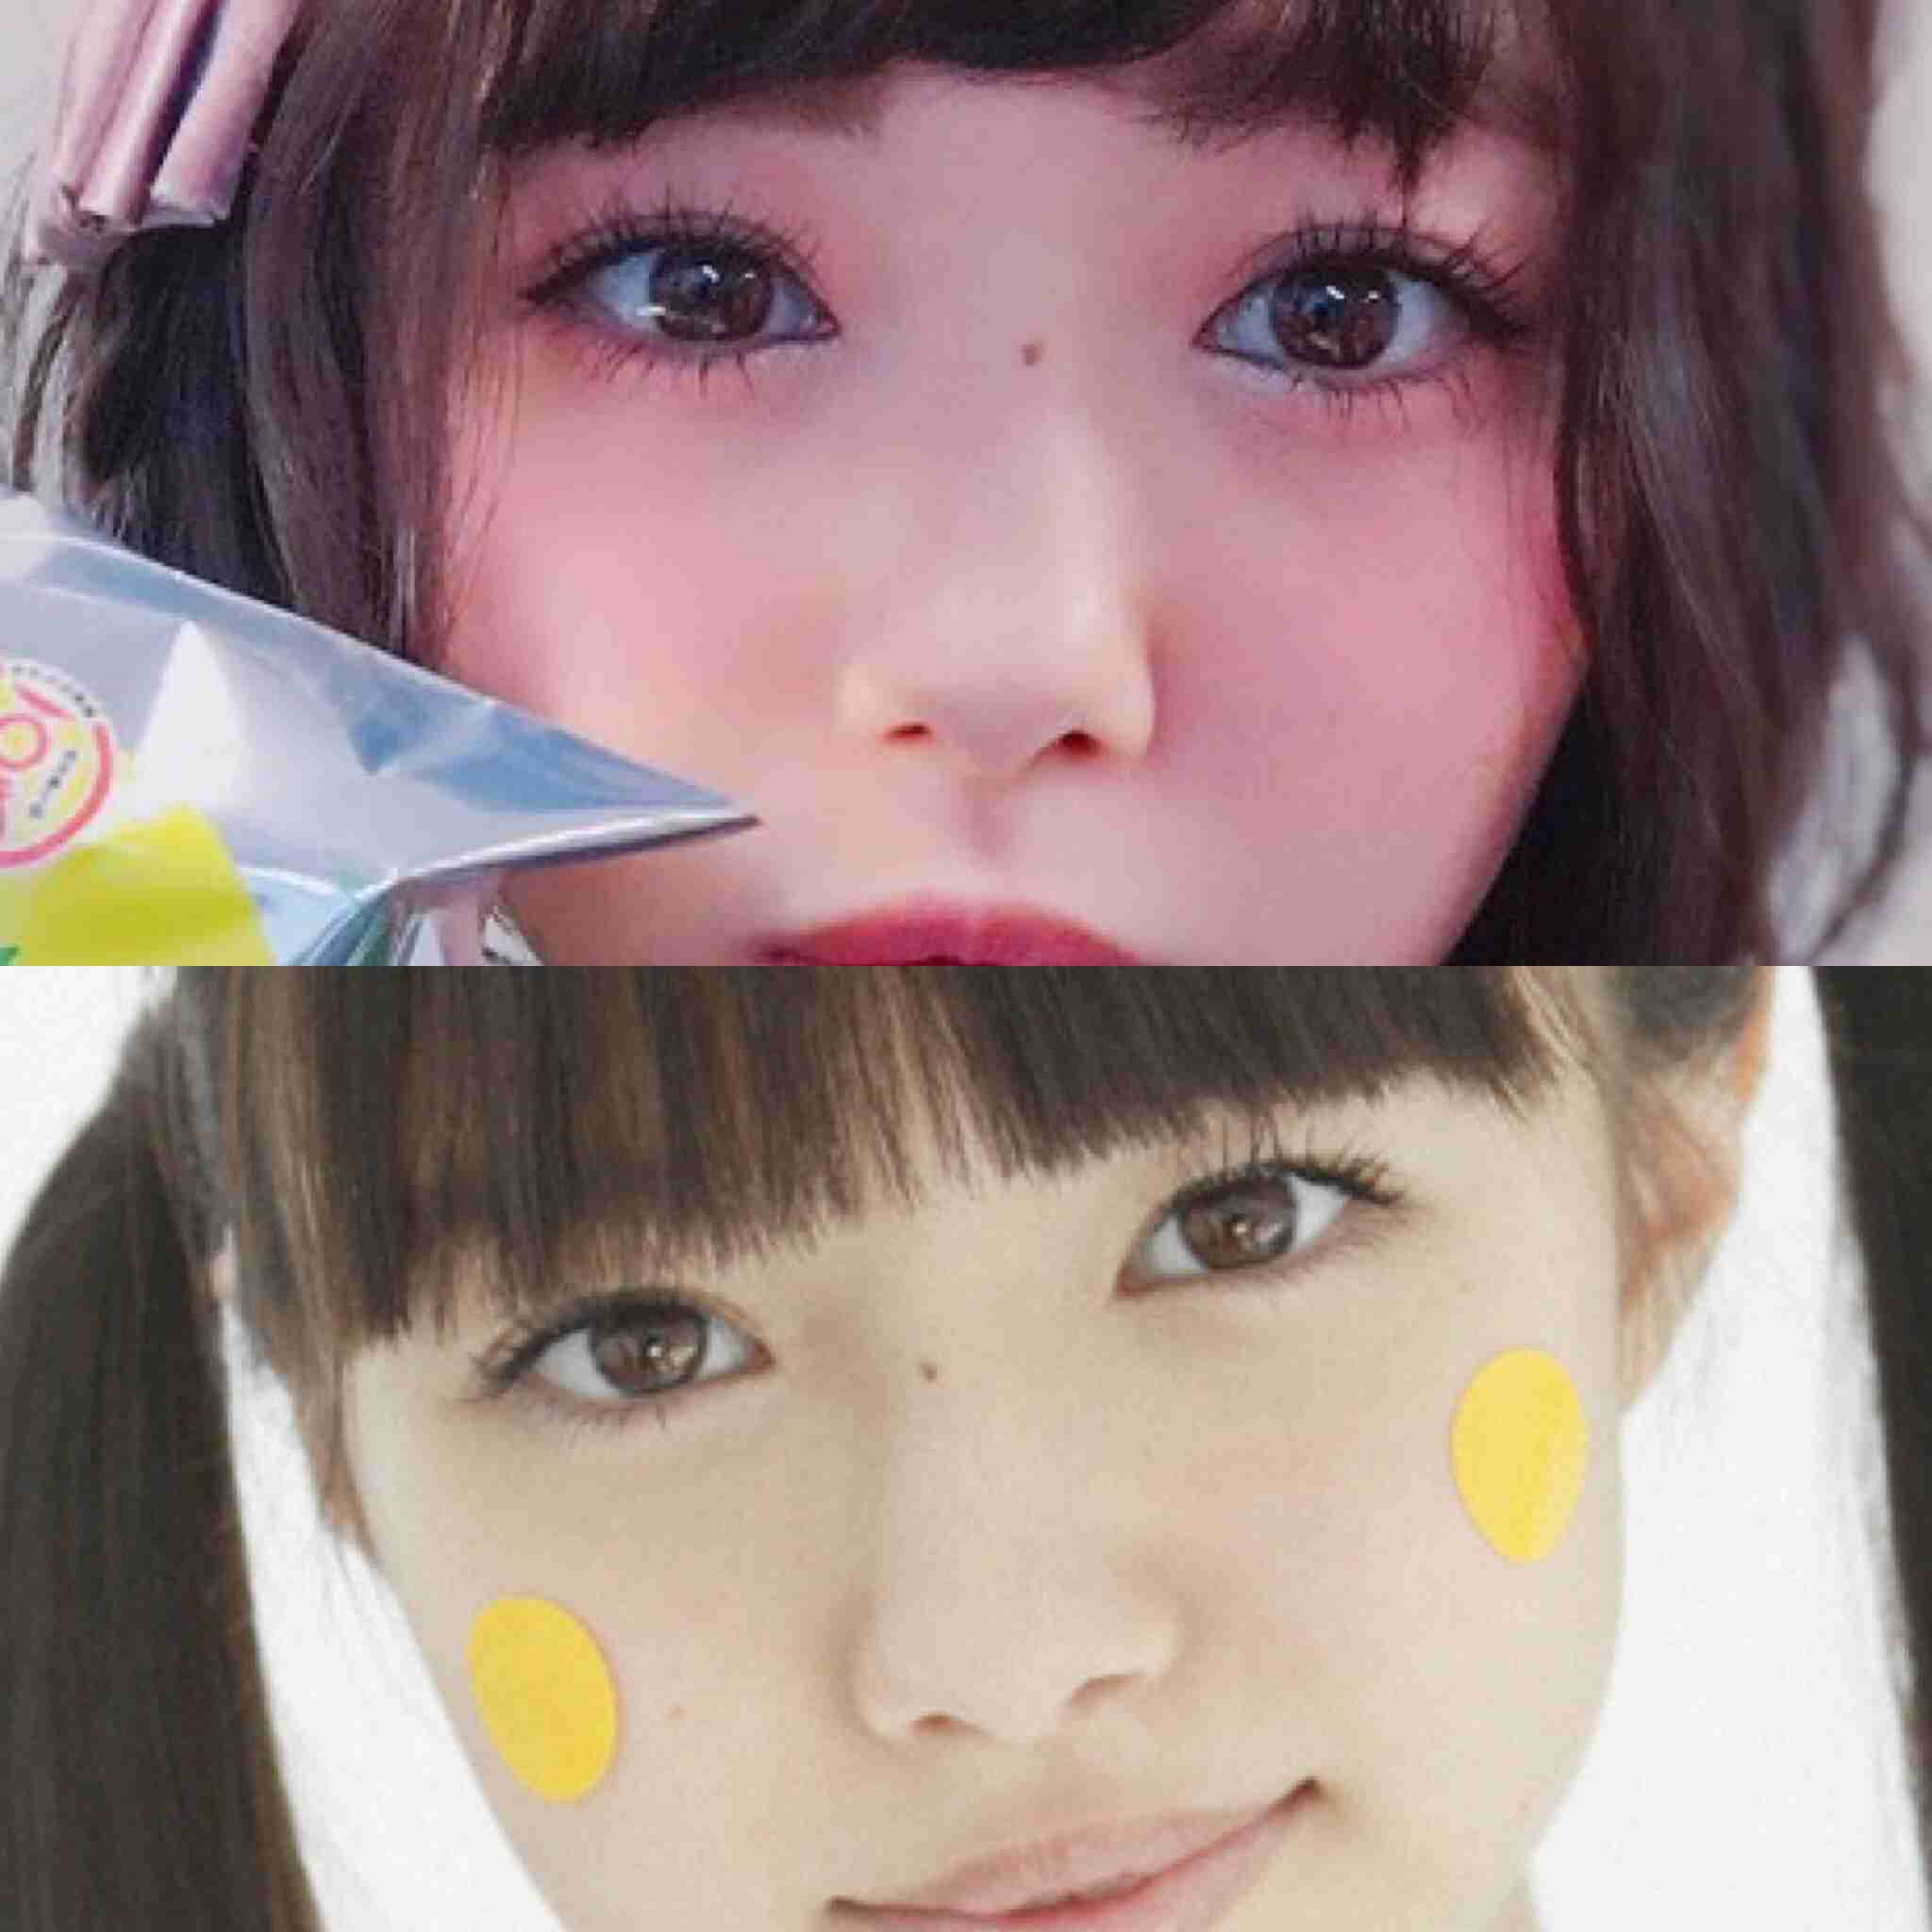 市川美織がNMB48卒業「もう、こんな風に脚光浴びることはないのかな…」タレントなどで芸能活動継続